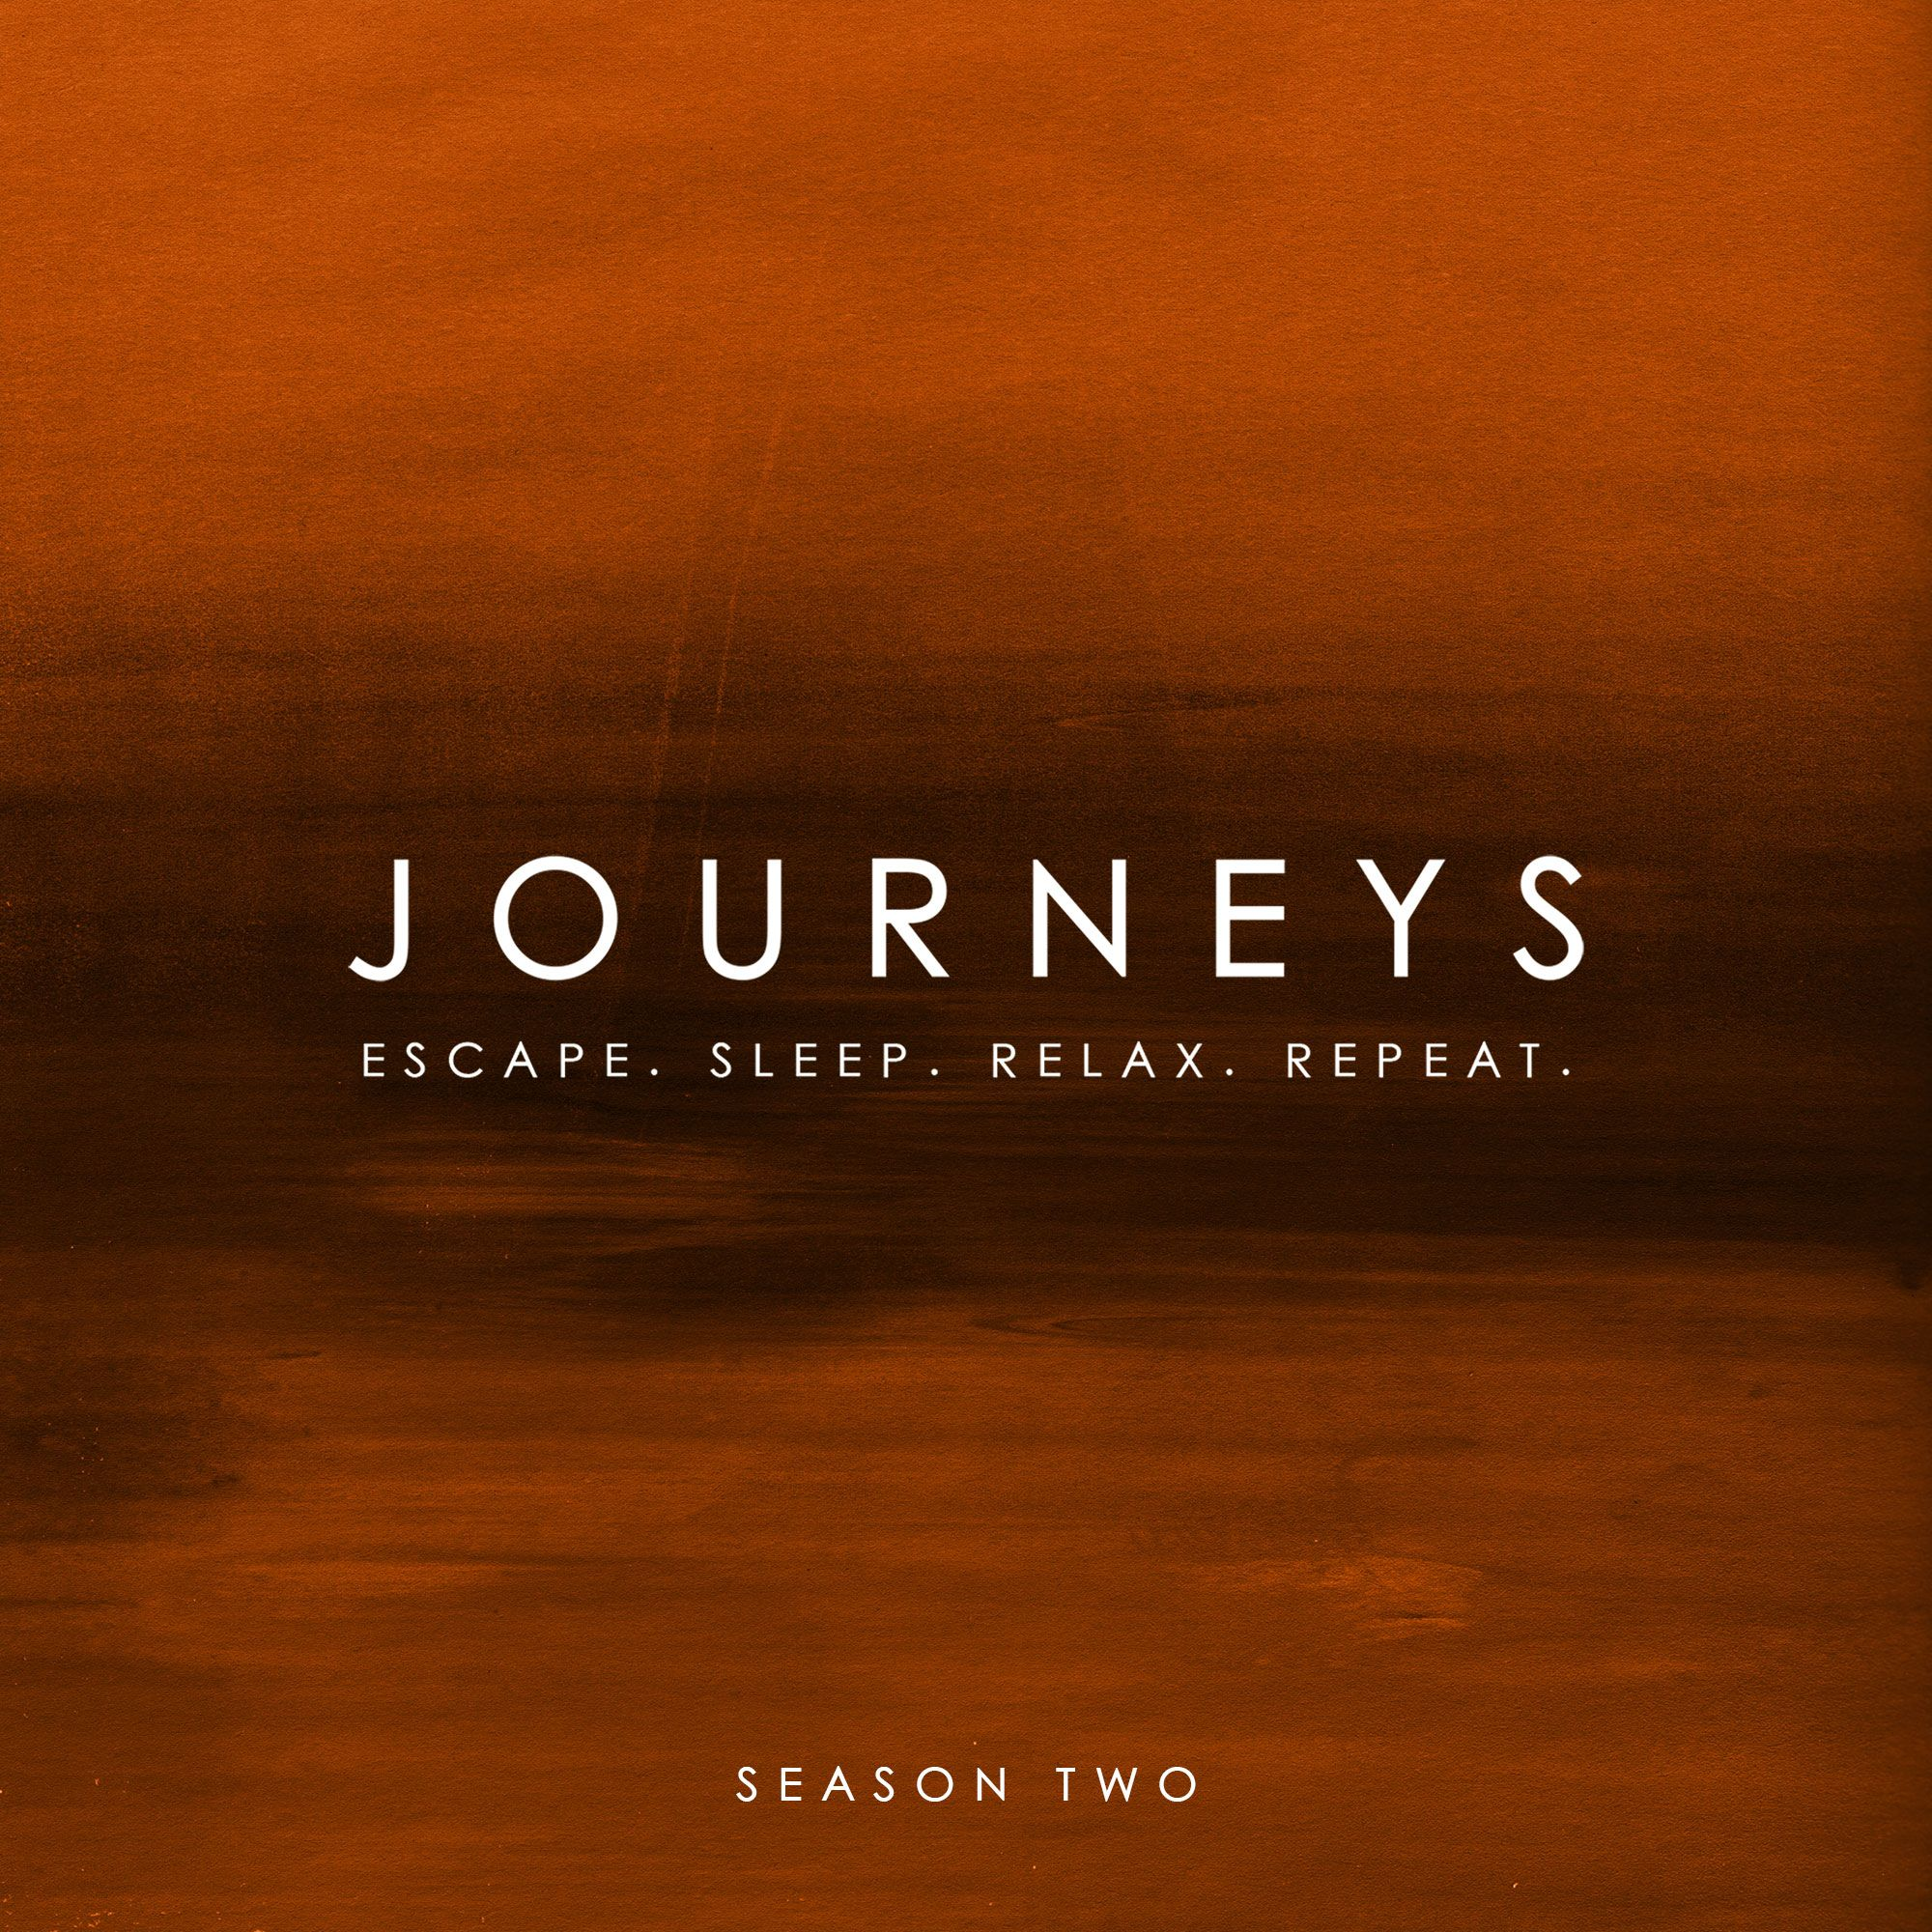 journeys_2_2000px_artwork.jpg